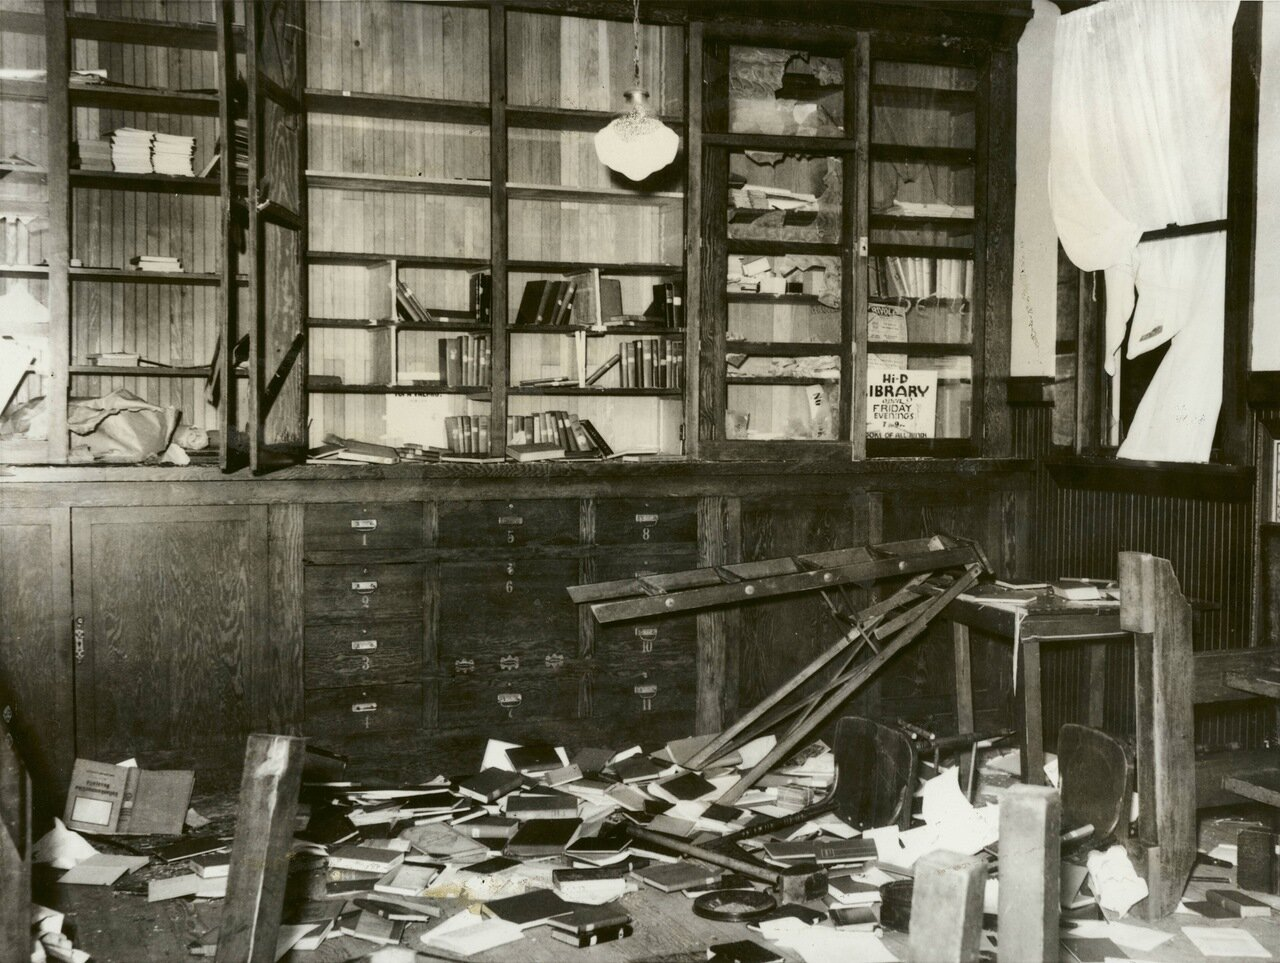 1934. Уничтожение коммунистической литературы во время рейда в Беркли